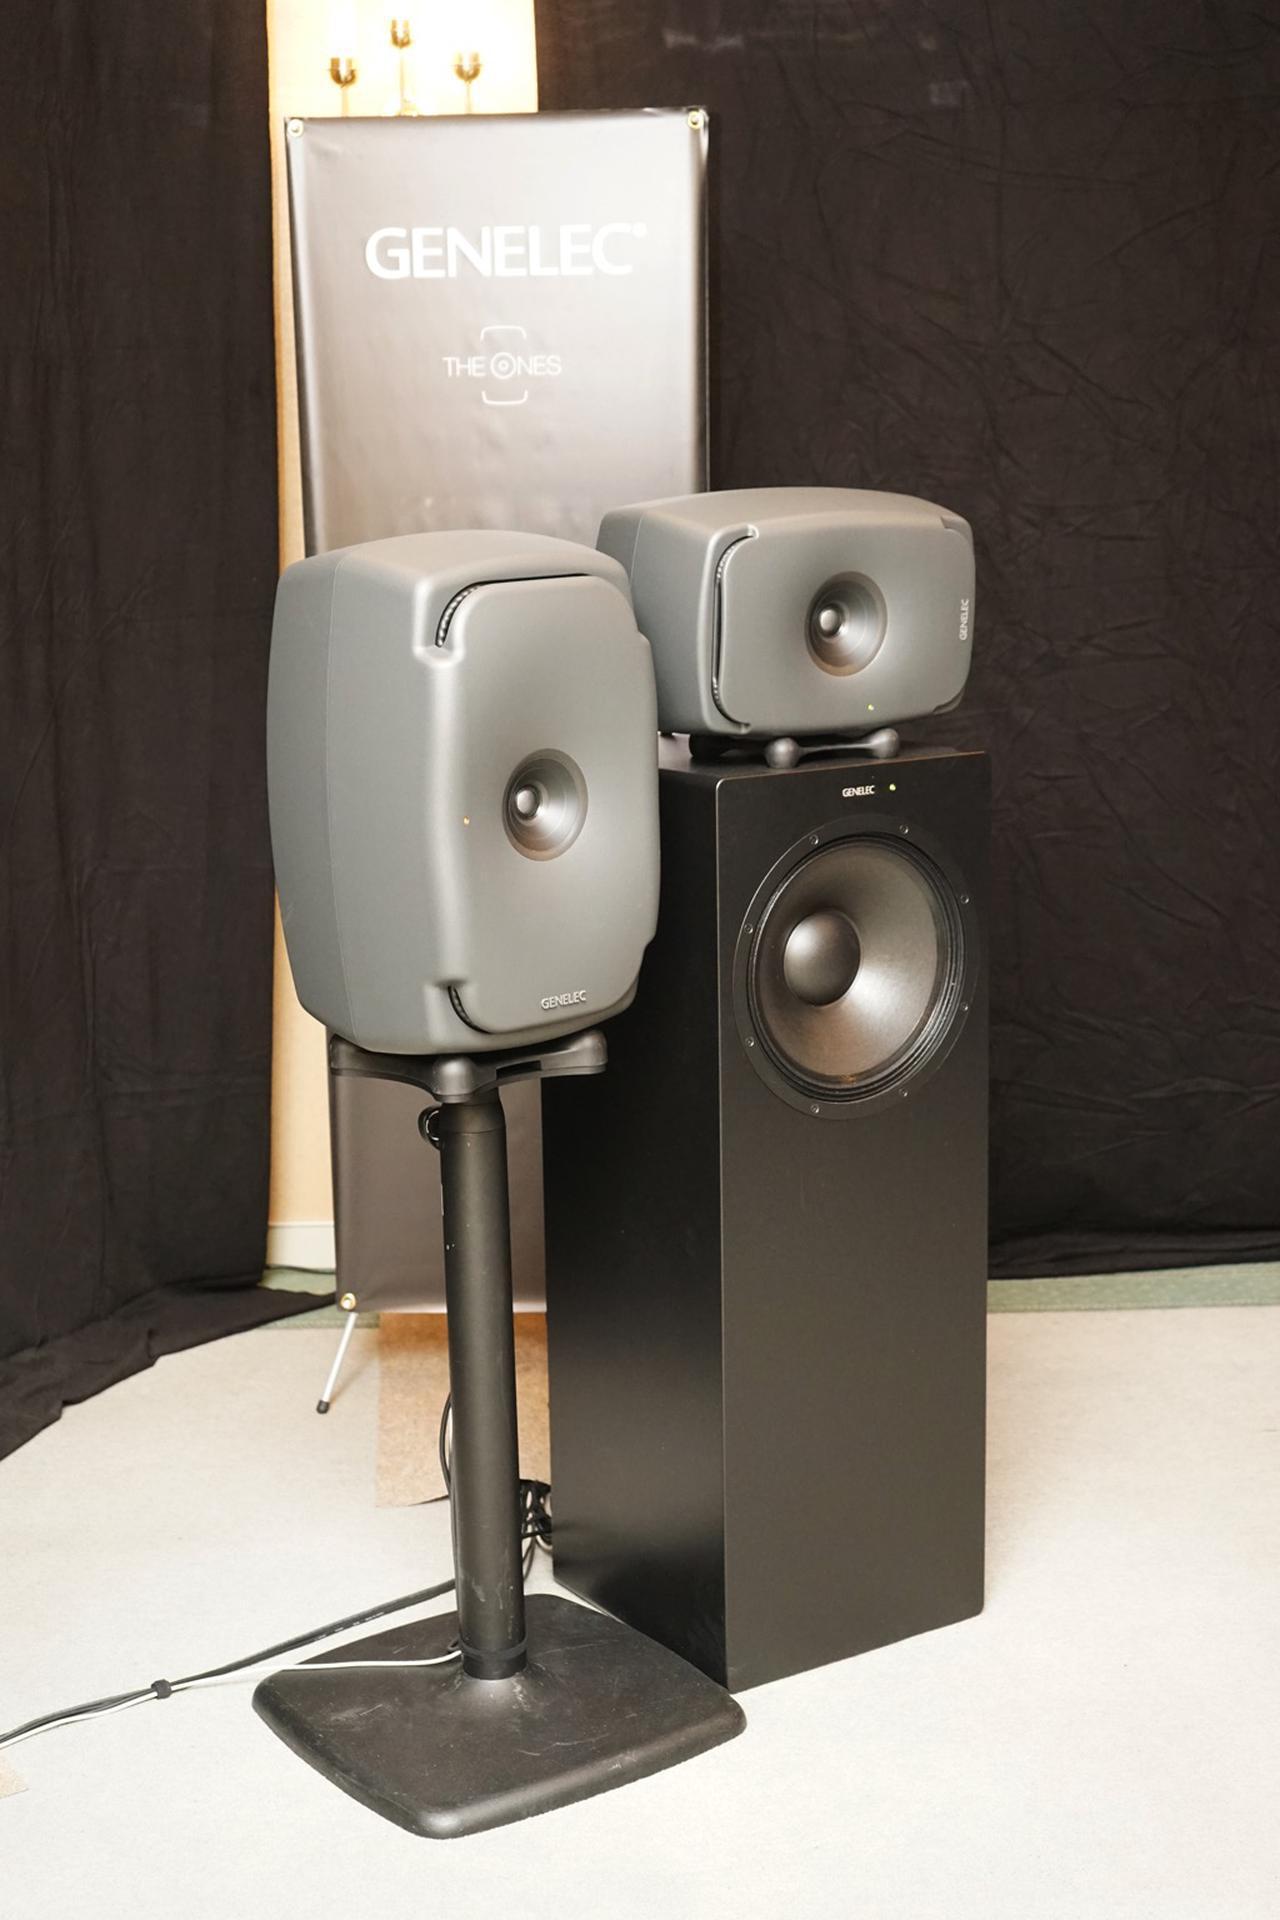 画像2: コンテンツの持つ音の情報を正しく、虚飾なしに作品性をストレートに伝える。音楽はもちろん、映画でも輝くのがGENELEC 【イマーシブ再生 第③回】